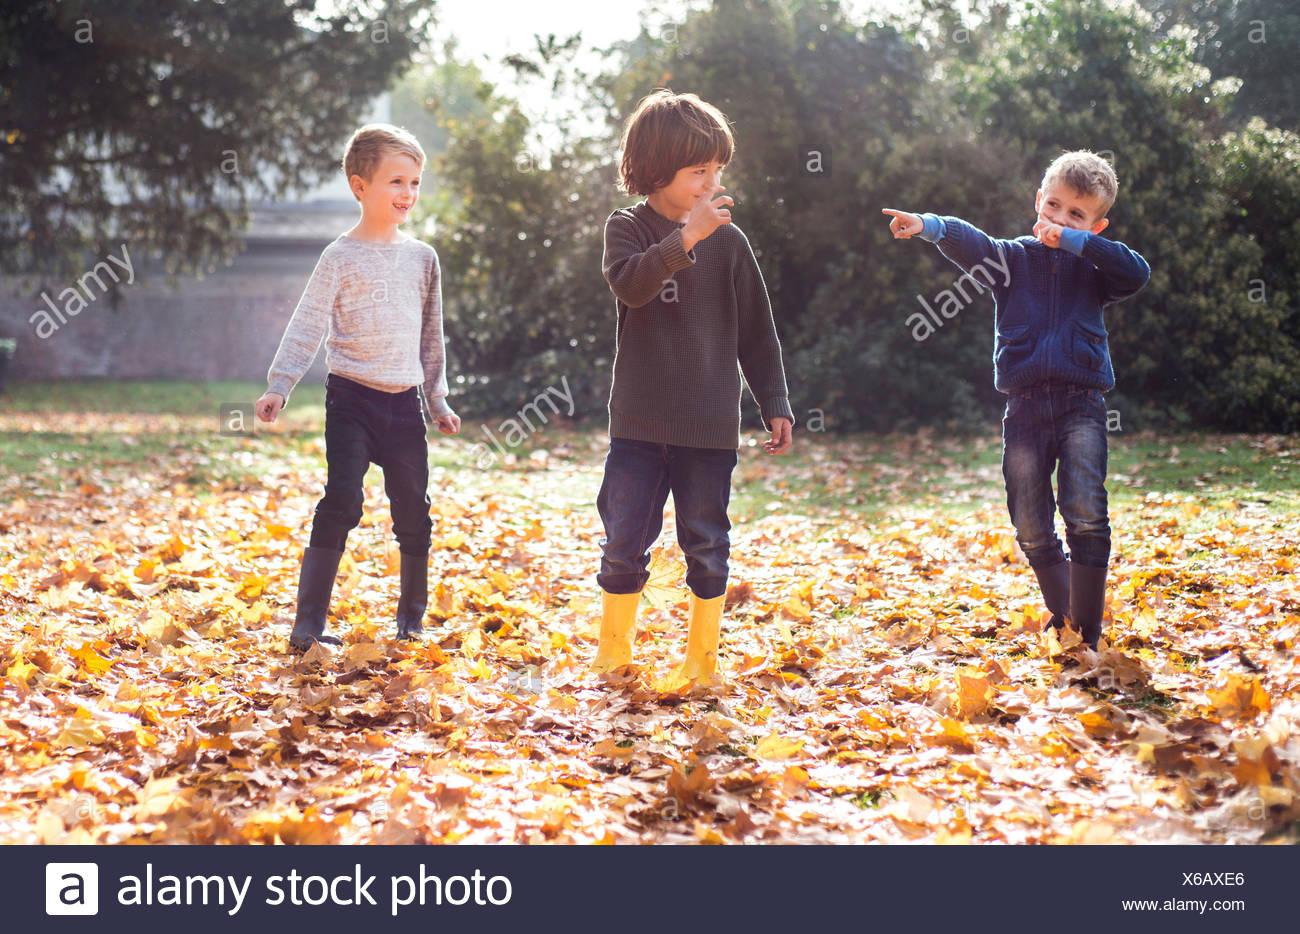 Trois garçons jouent à l'extérieur, dans les feuilles d'automne Photo Stock